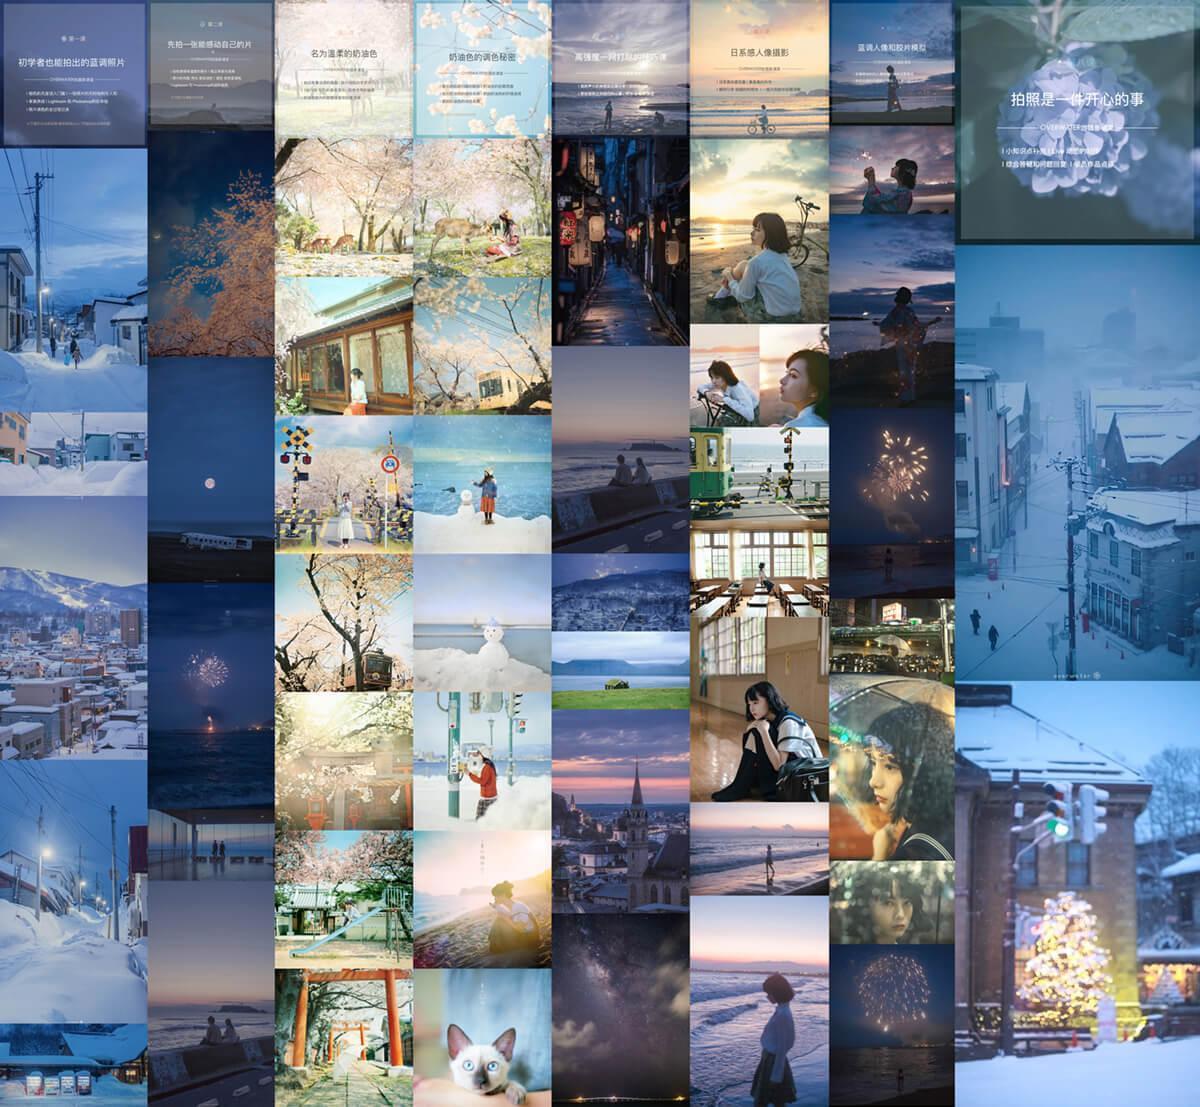 摄影教程-overwater前中后期摄影课堂0-8课 蓝调 胶片 人像 动图 附素材(3)